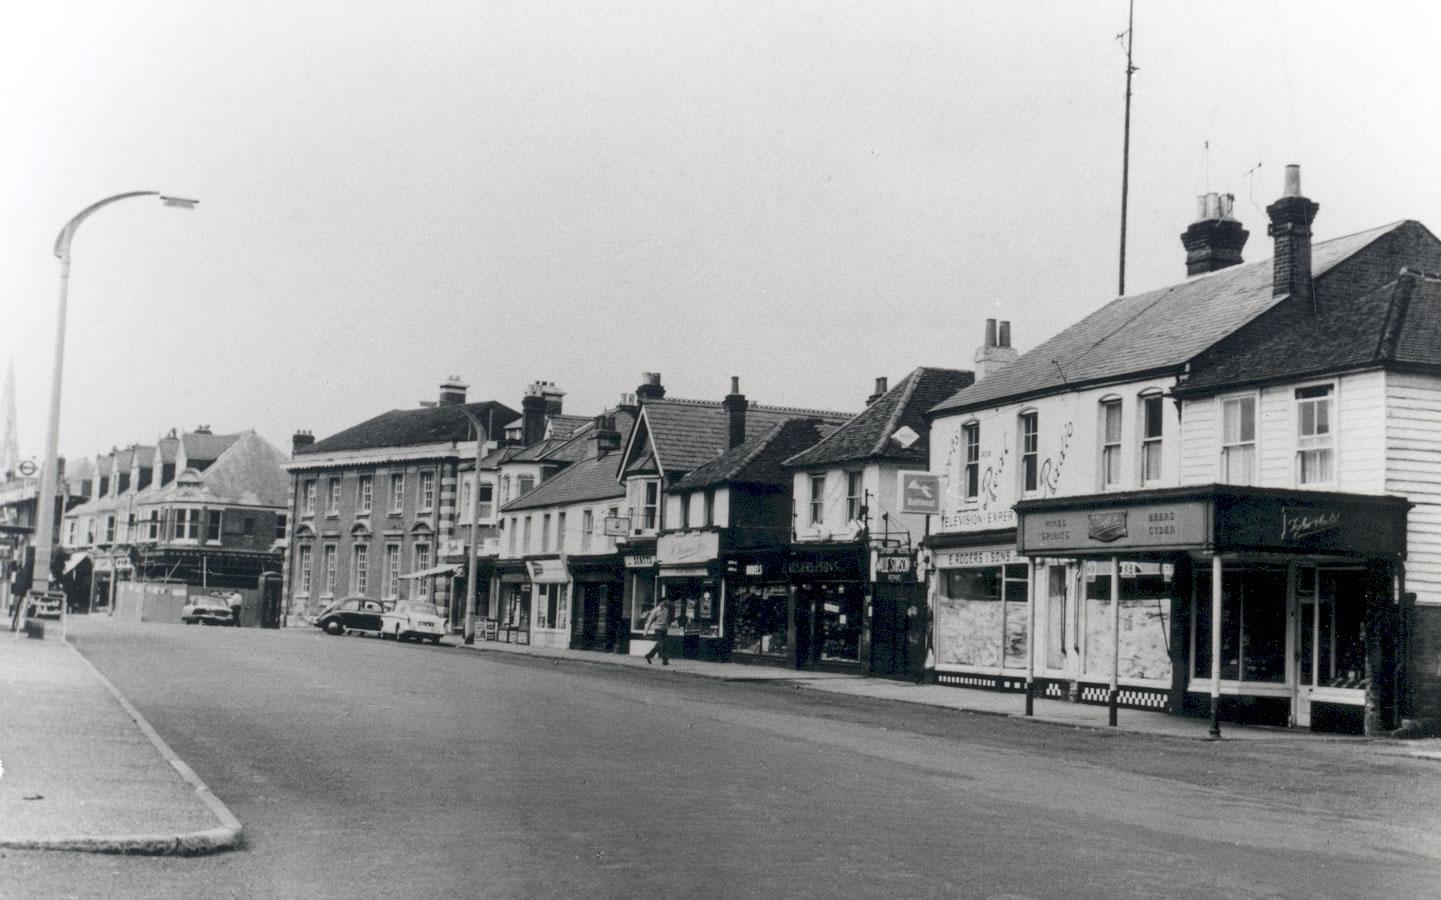 Rogers & Sons Ltd store front in Weybridge High Street